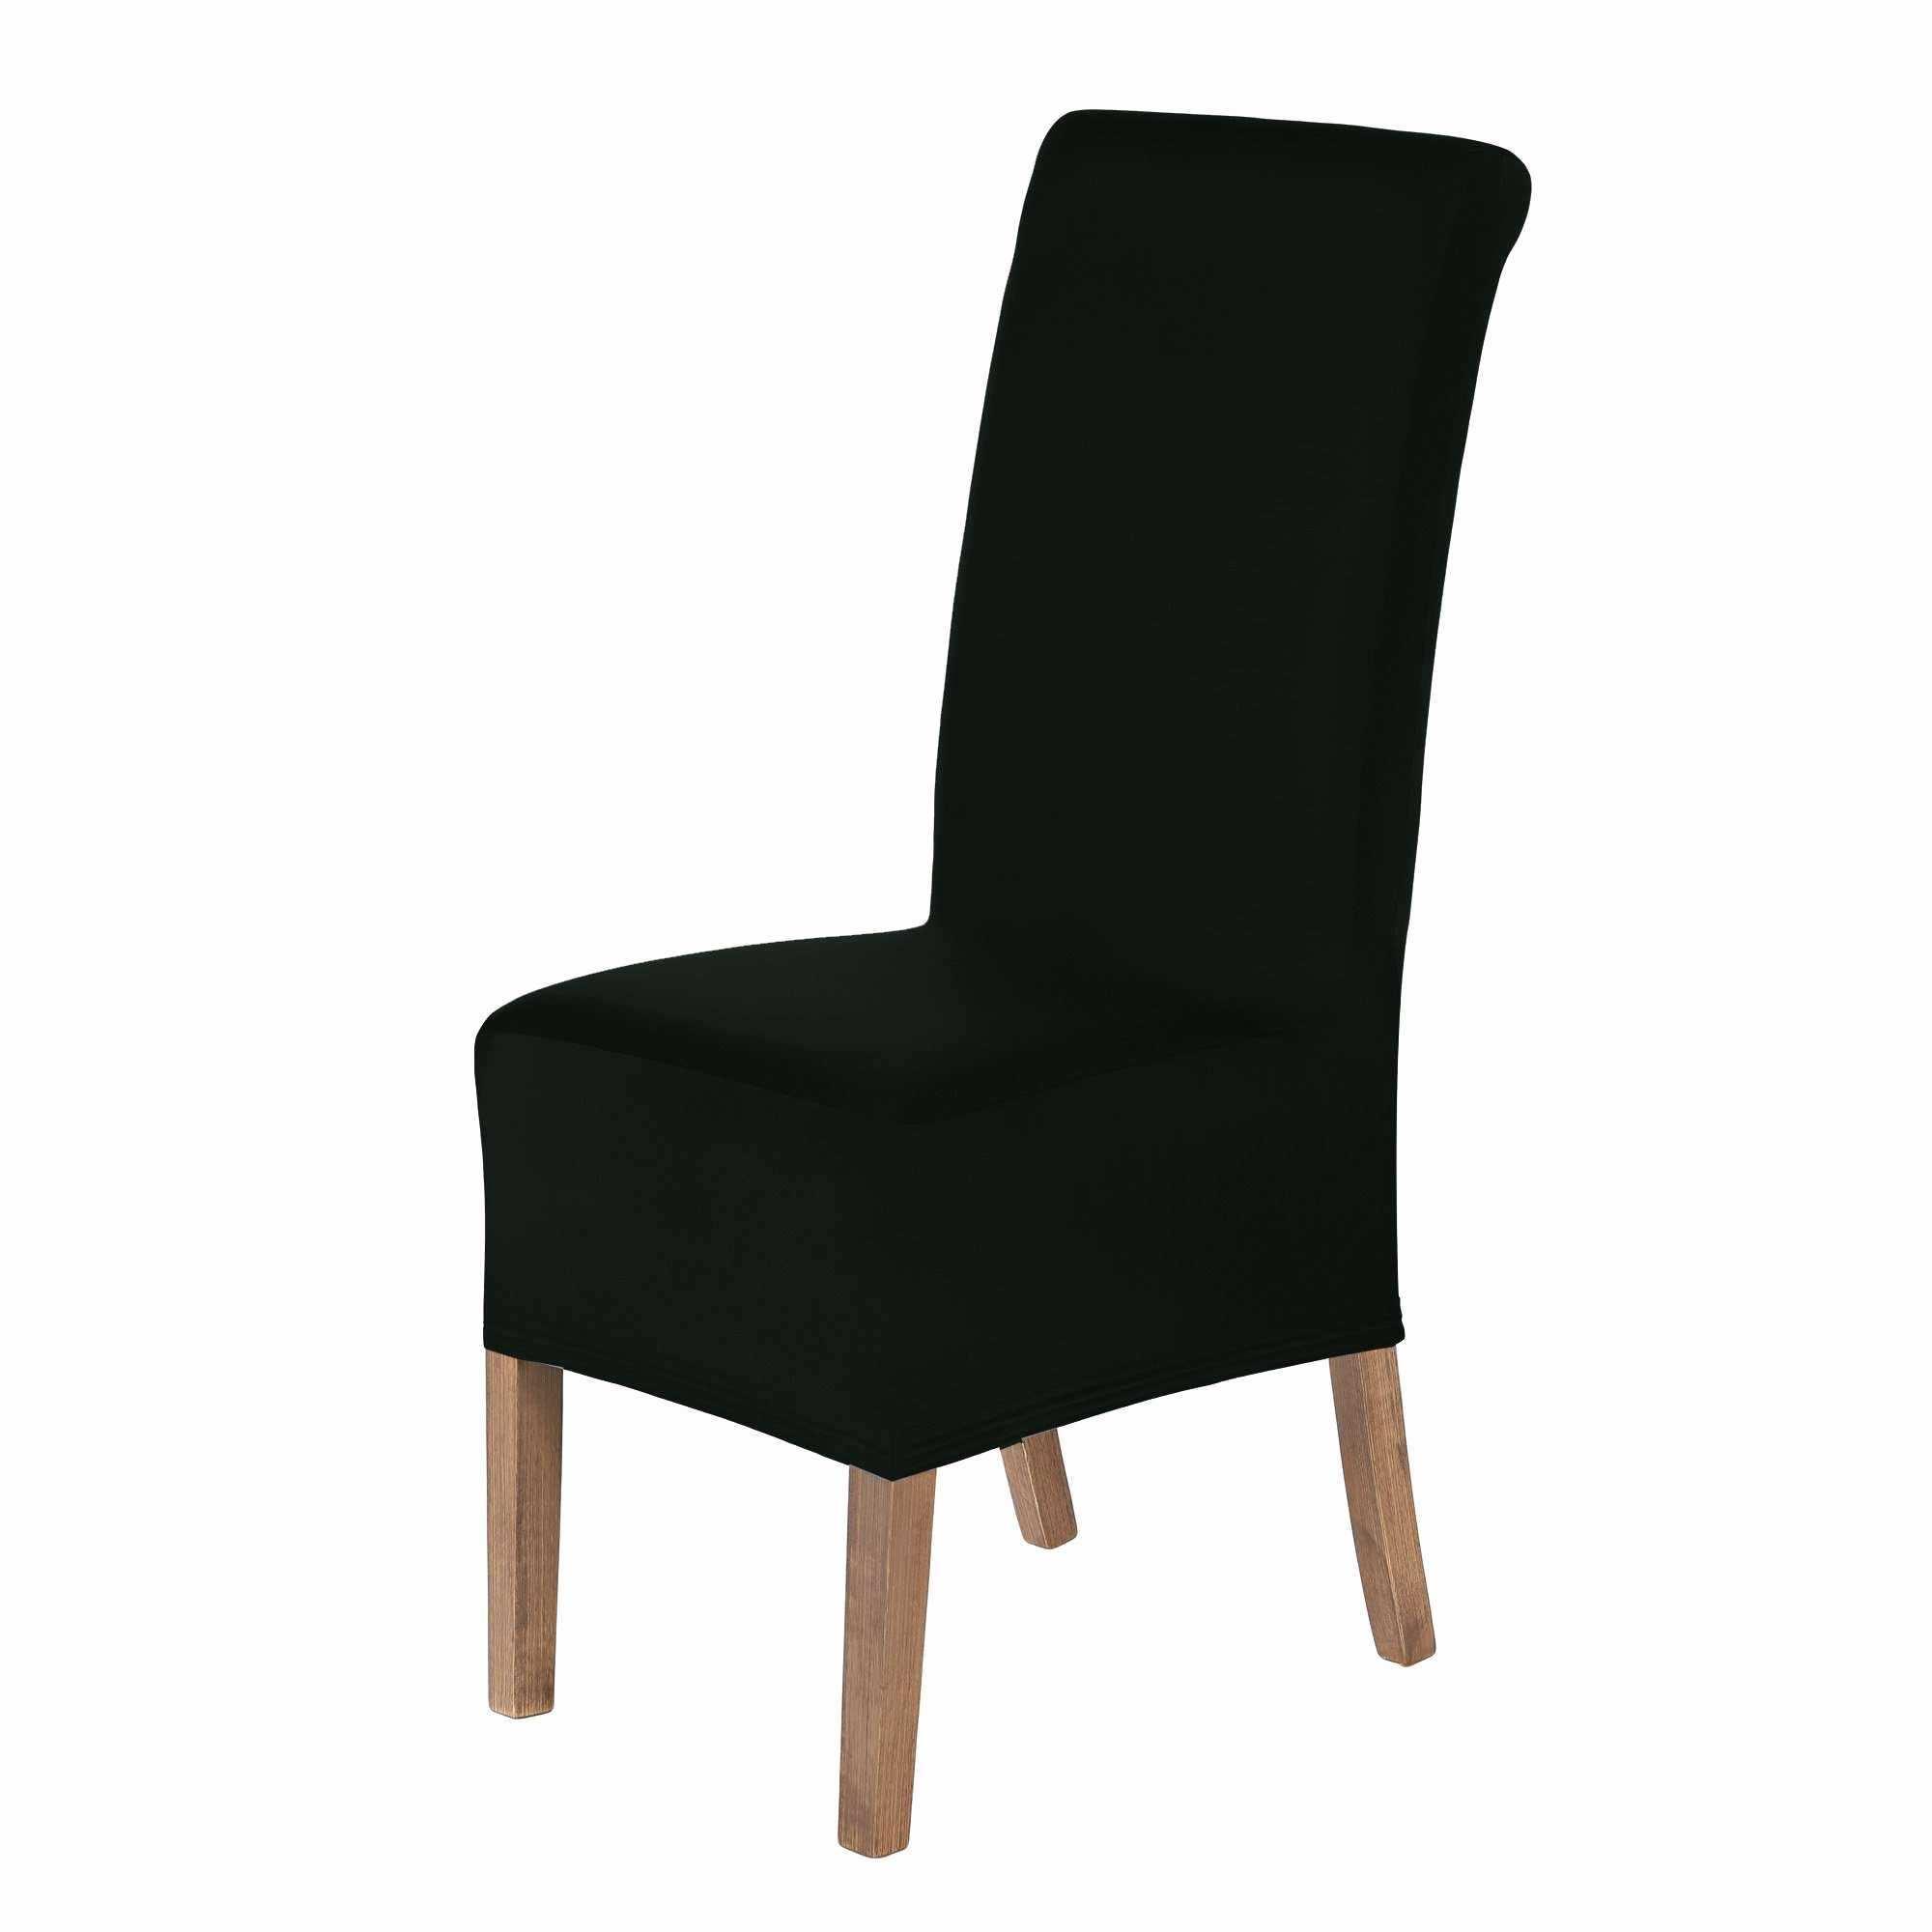 Full Size of Sessel Ikea Tv Das Beste Von 37 Einzigartig Sofa Mit Schlaffunktion Küche Kosten Garten Relaxsessel Betten Bei Schlafzimmer Lounge Miniküche 160x200 Aldi Wohnzimmer Sessel Ikea